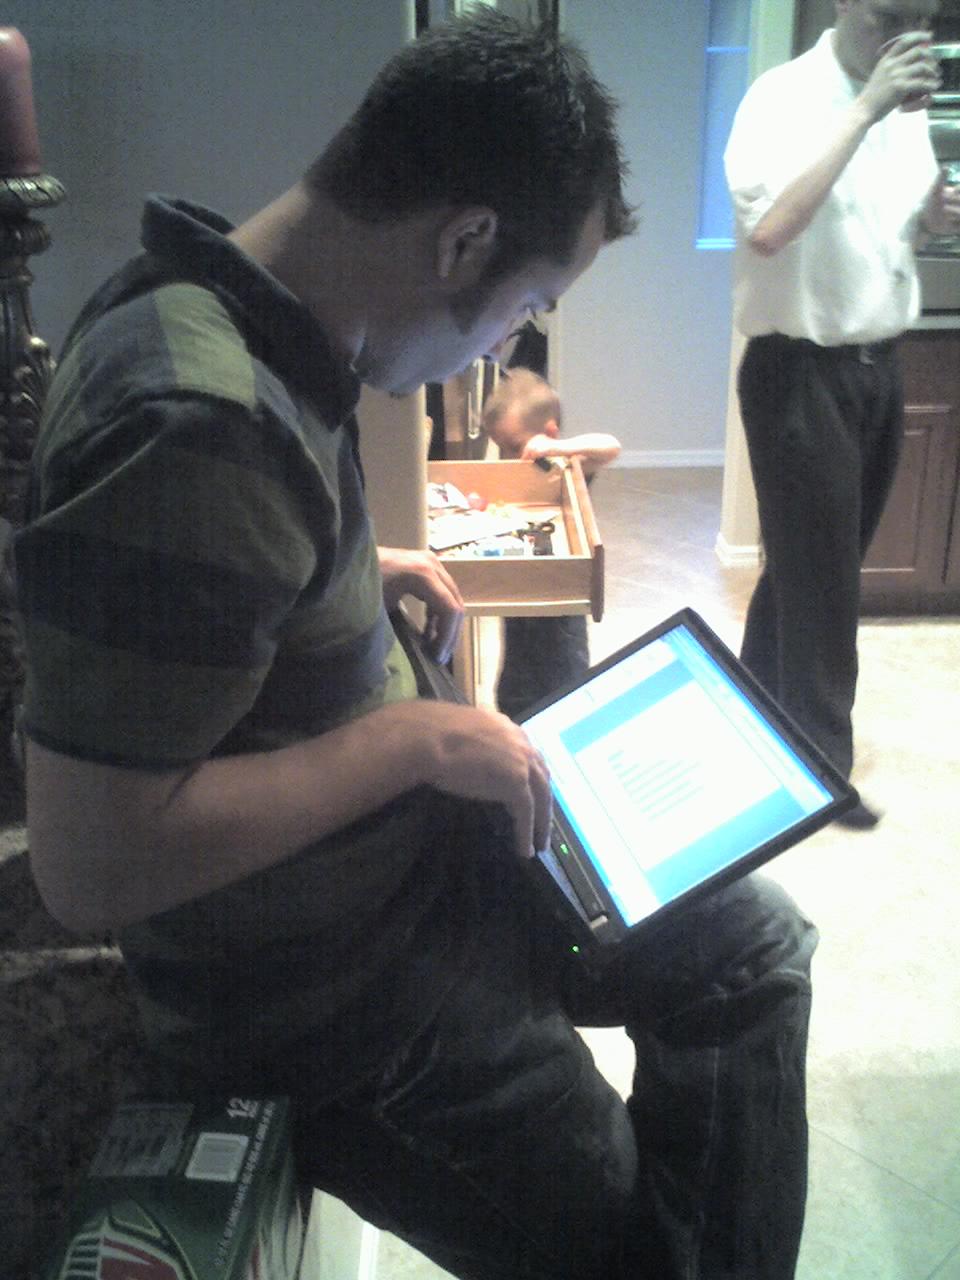 soren_hacking_23-11-06.jpg